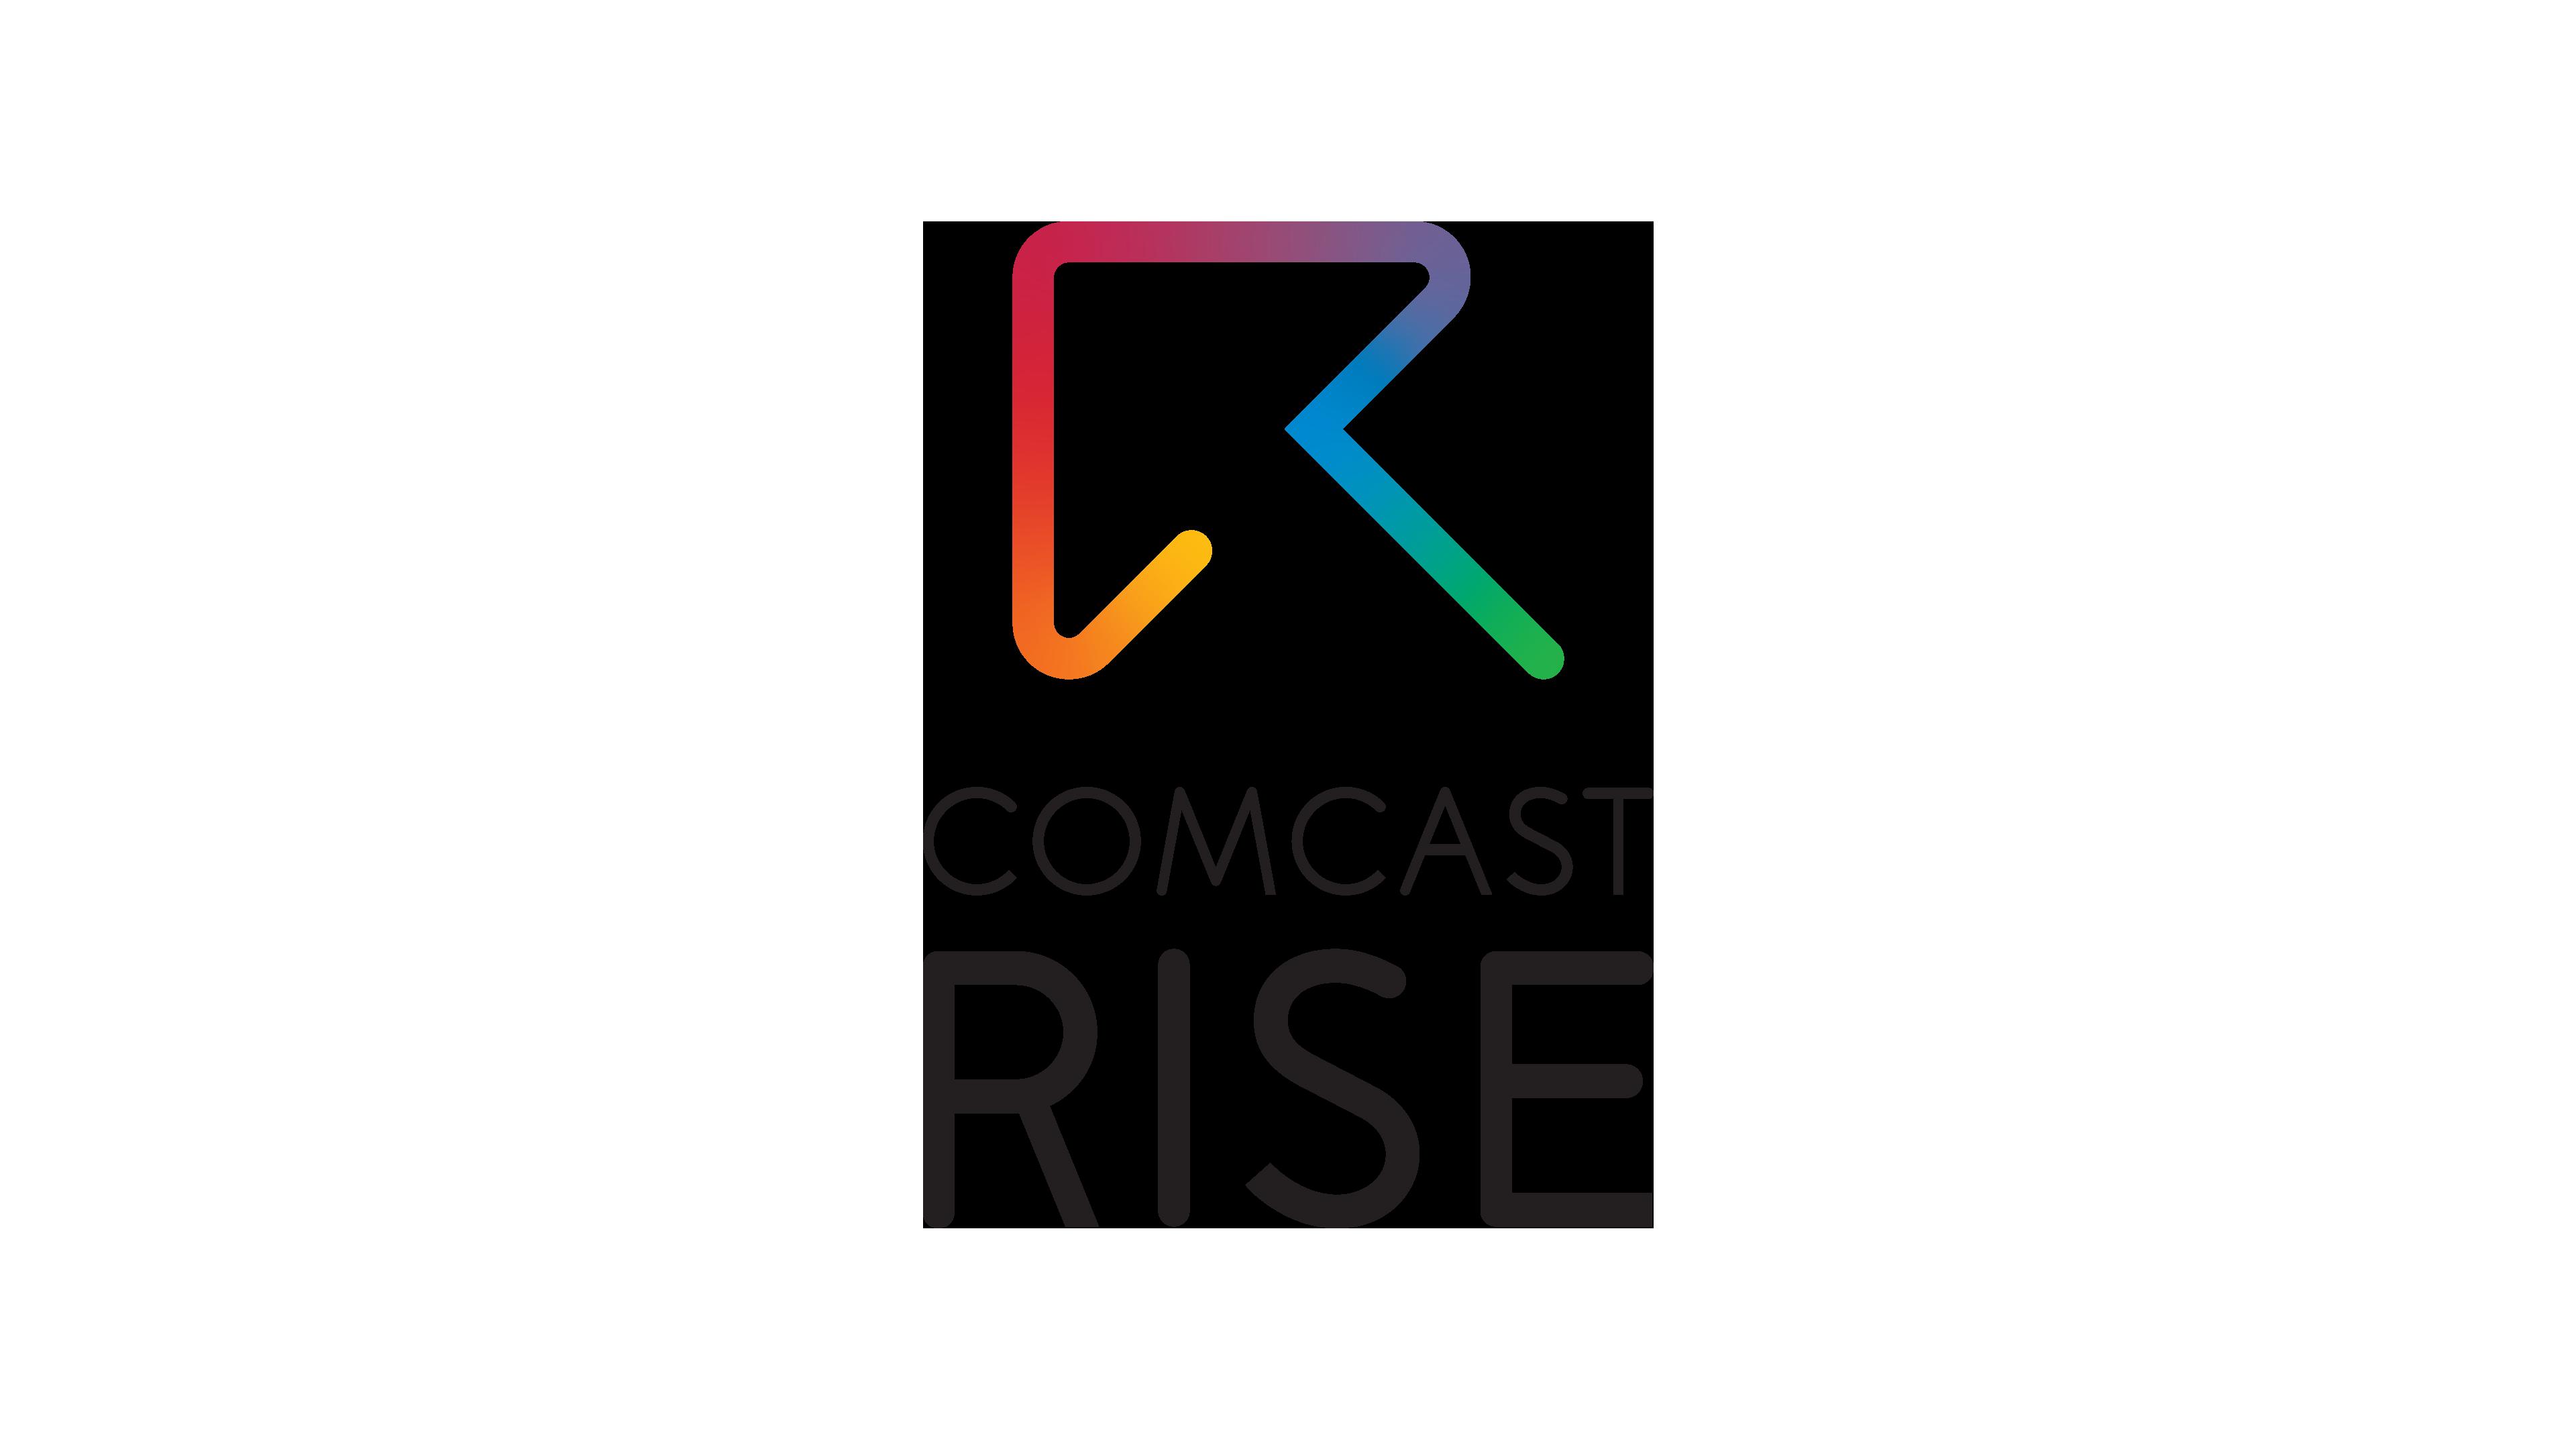 Rise-logo-color-16x9